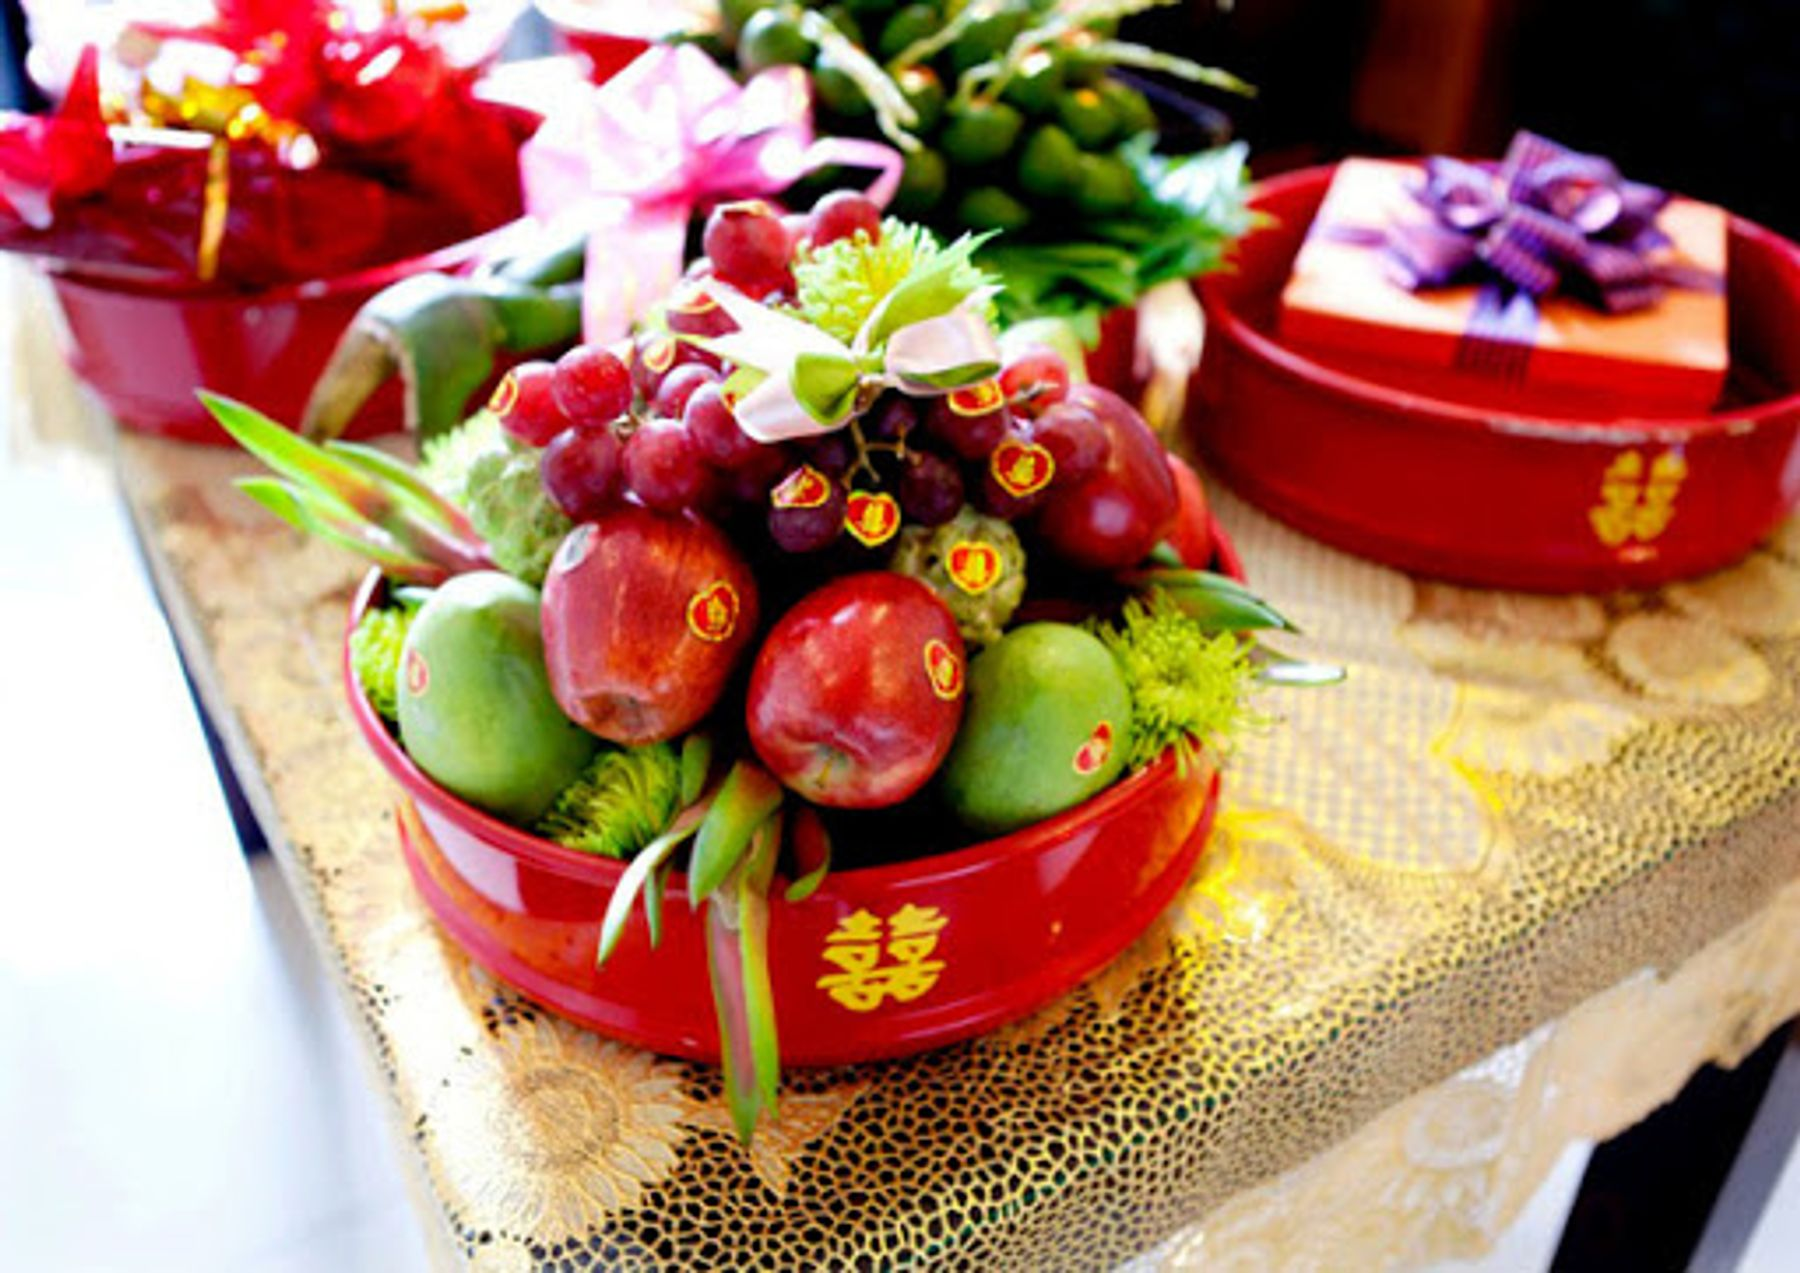 Step 7: Mâm quả trái cây sính lễ cưới hỏi